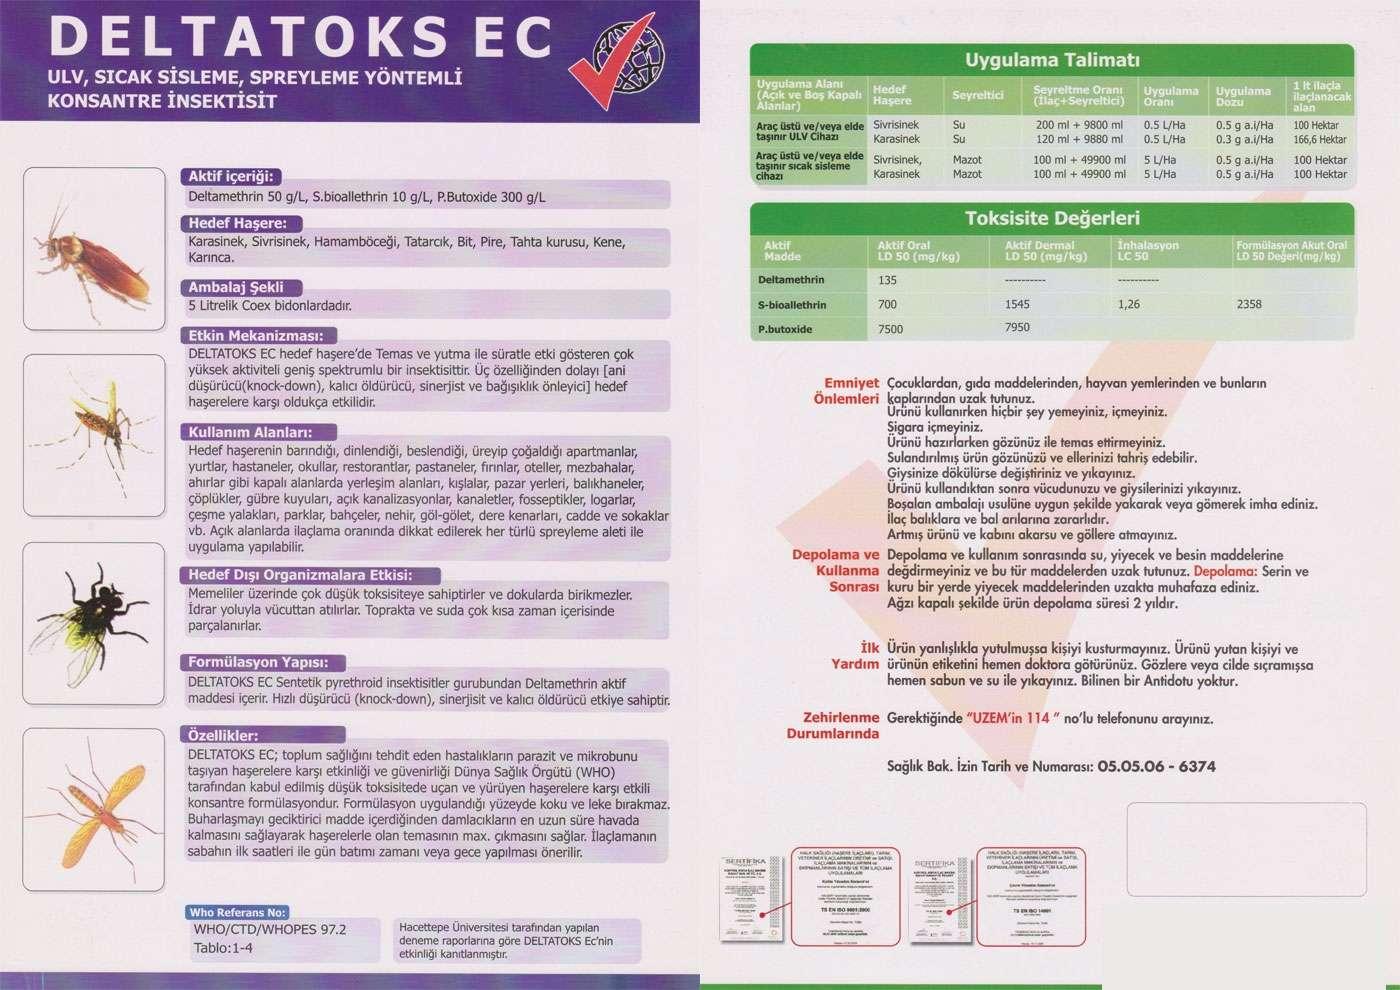 Deltatoks EC